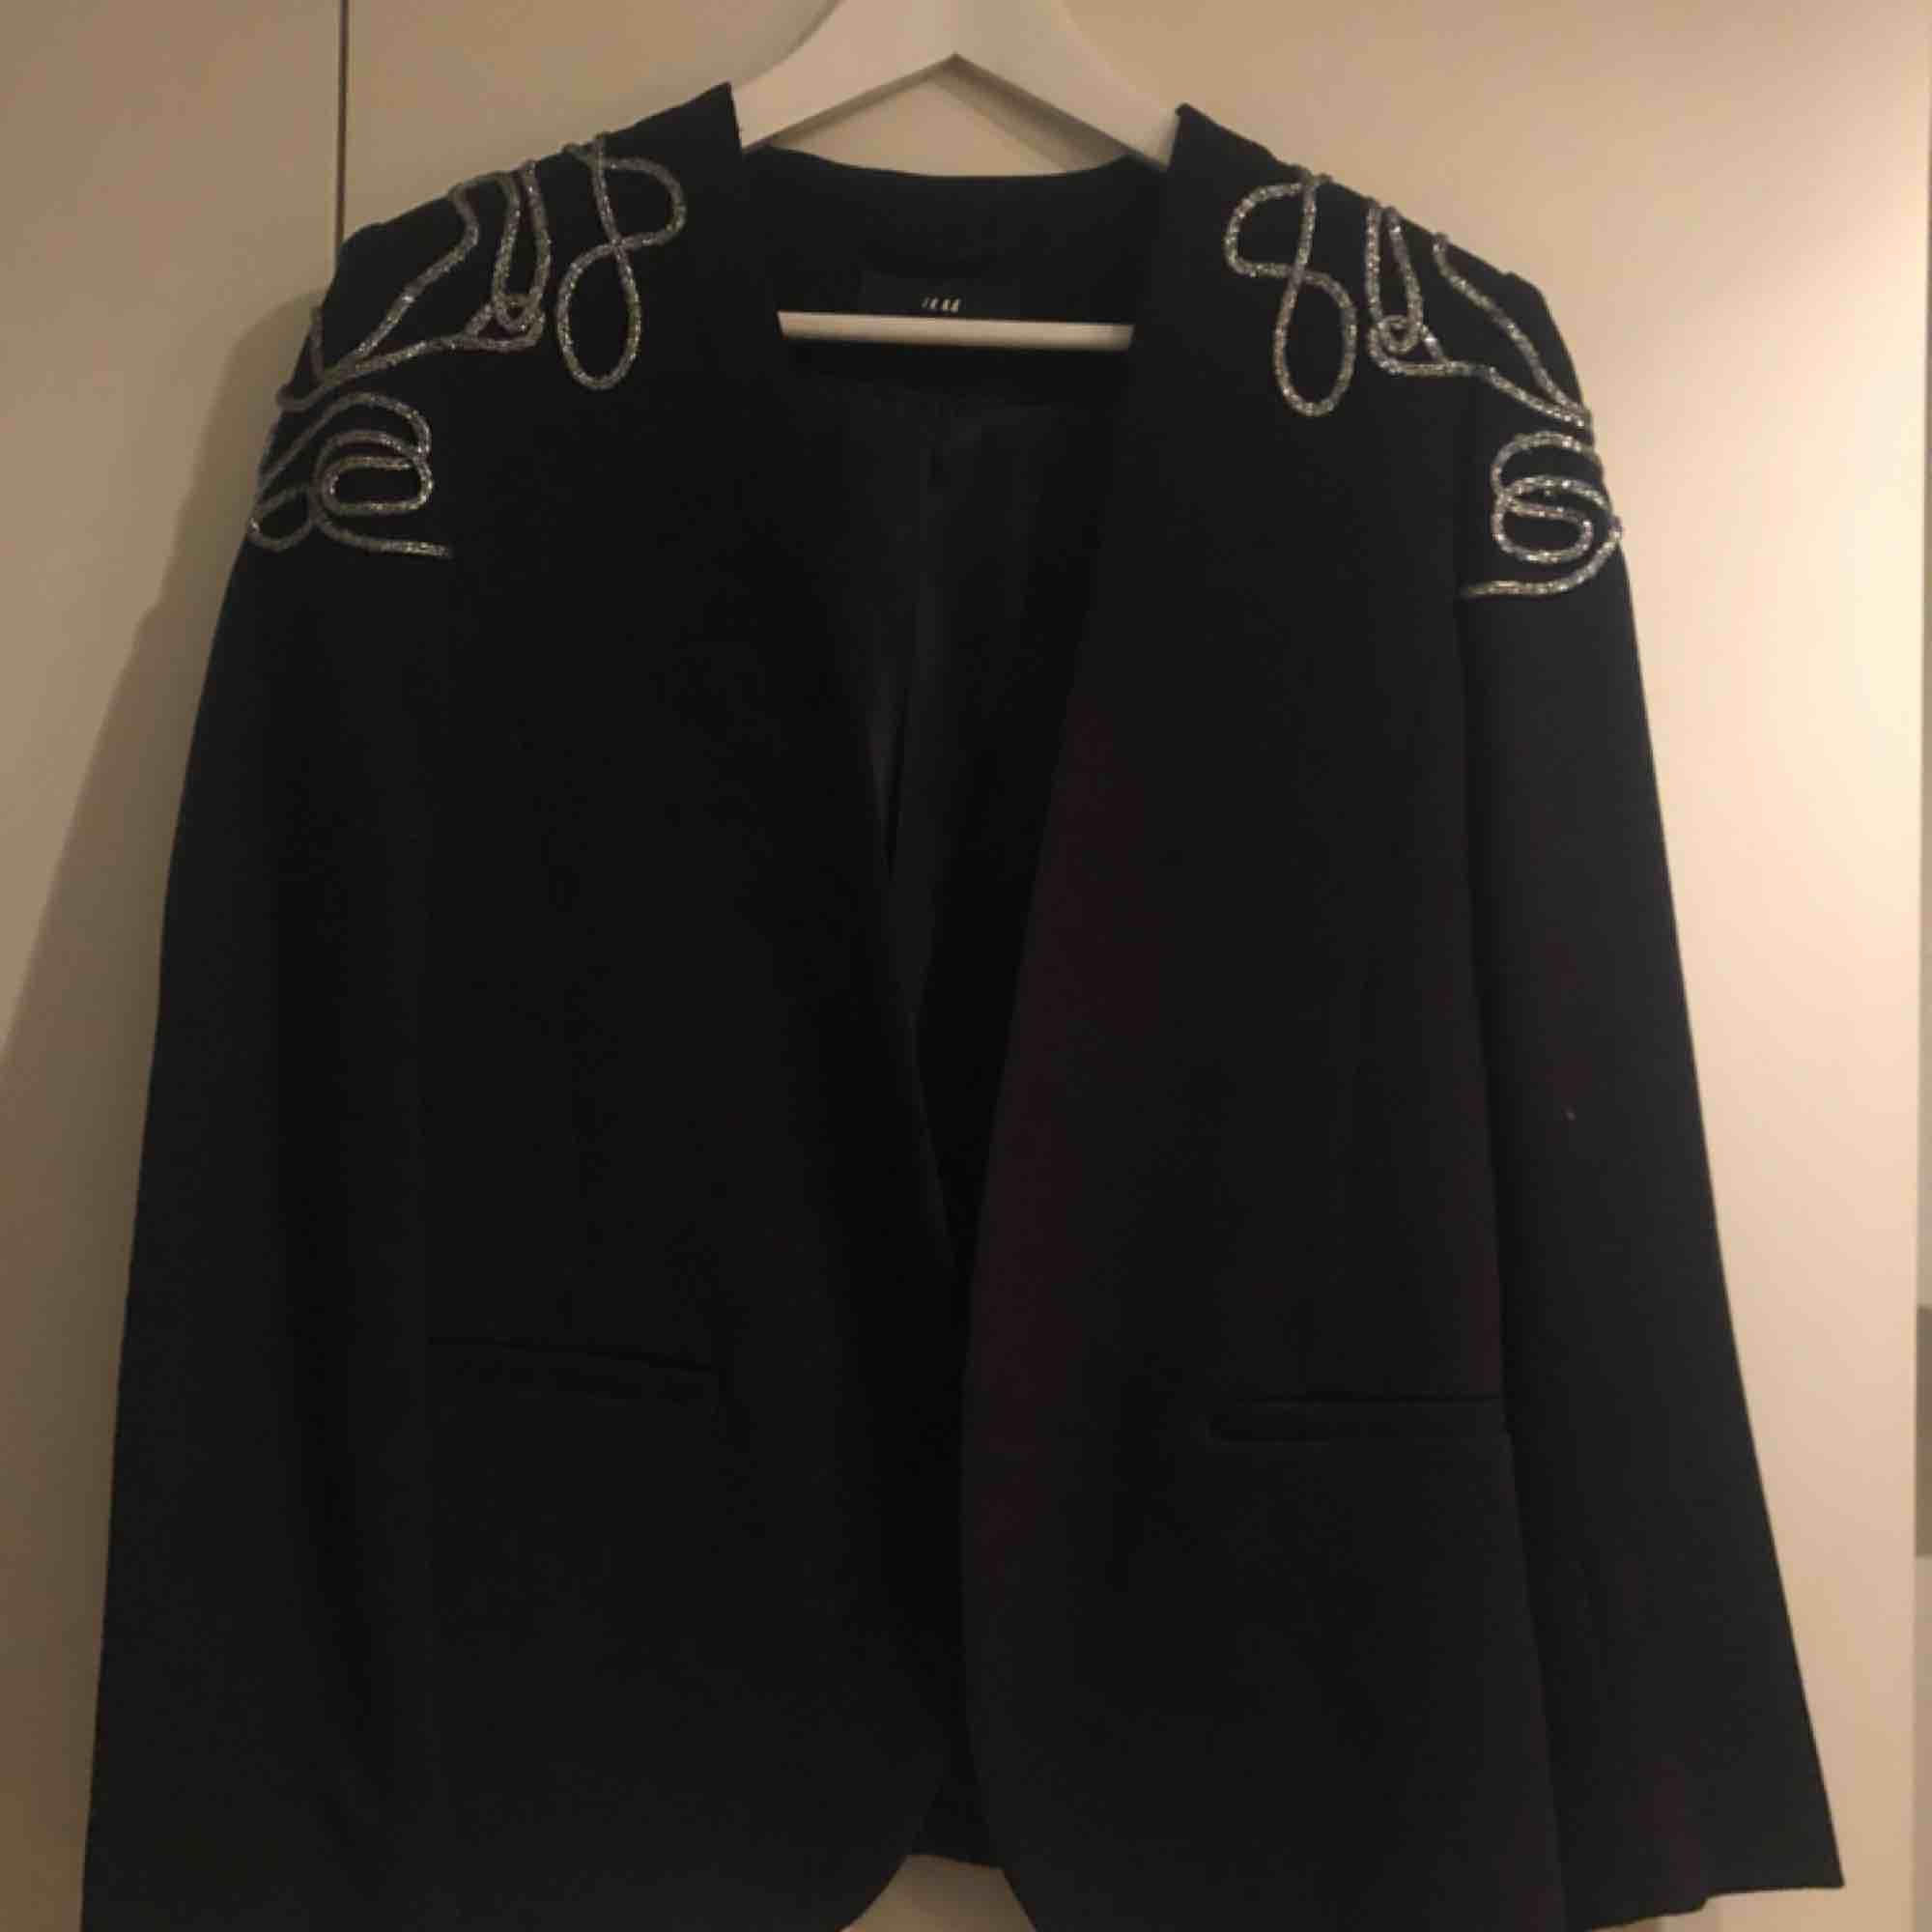 Scart kavaj från H&M storlek 38. Enbart använd några få gånger, som ny. Supersnygg men tyvärr lite för lite för mig :(. Kostymer.